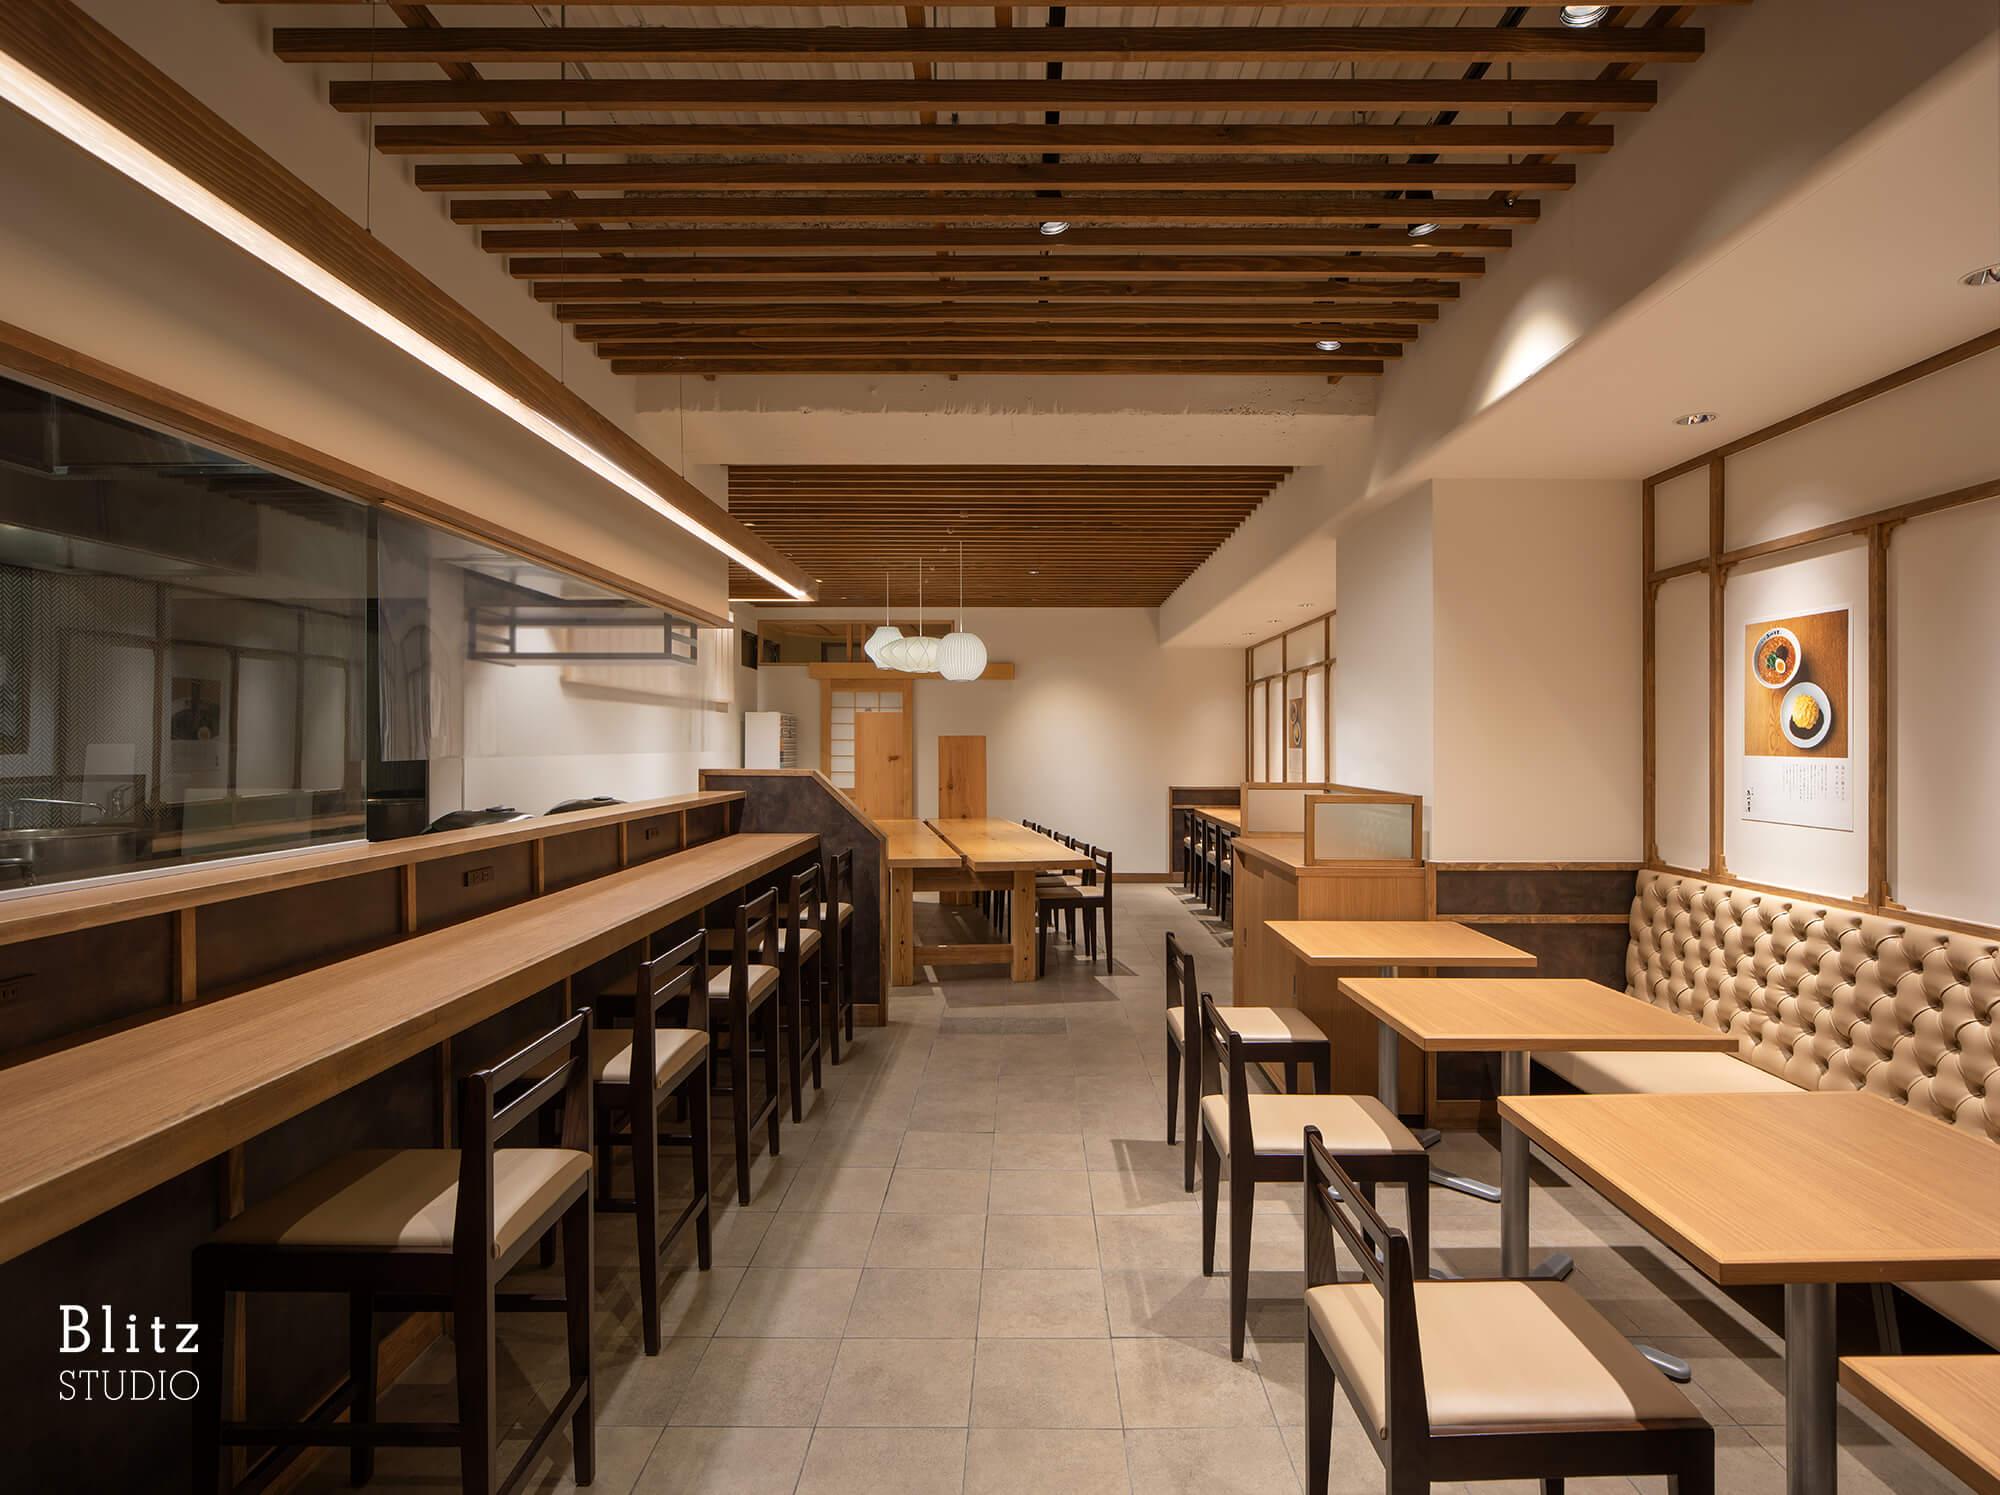 『担々麺あづま屋 天神店』-福岡県福岡市-建築写真・竣工写真・インテリア写真3